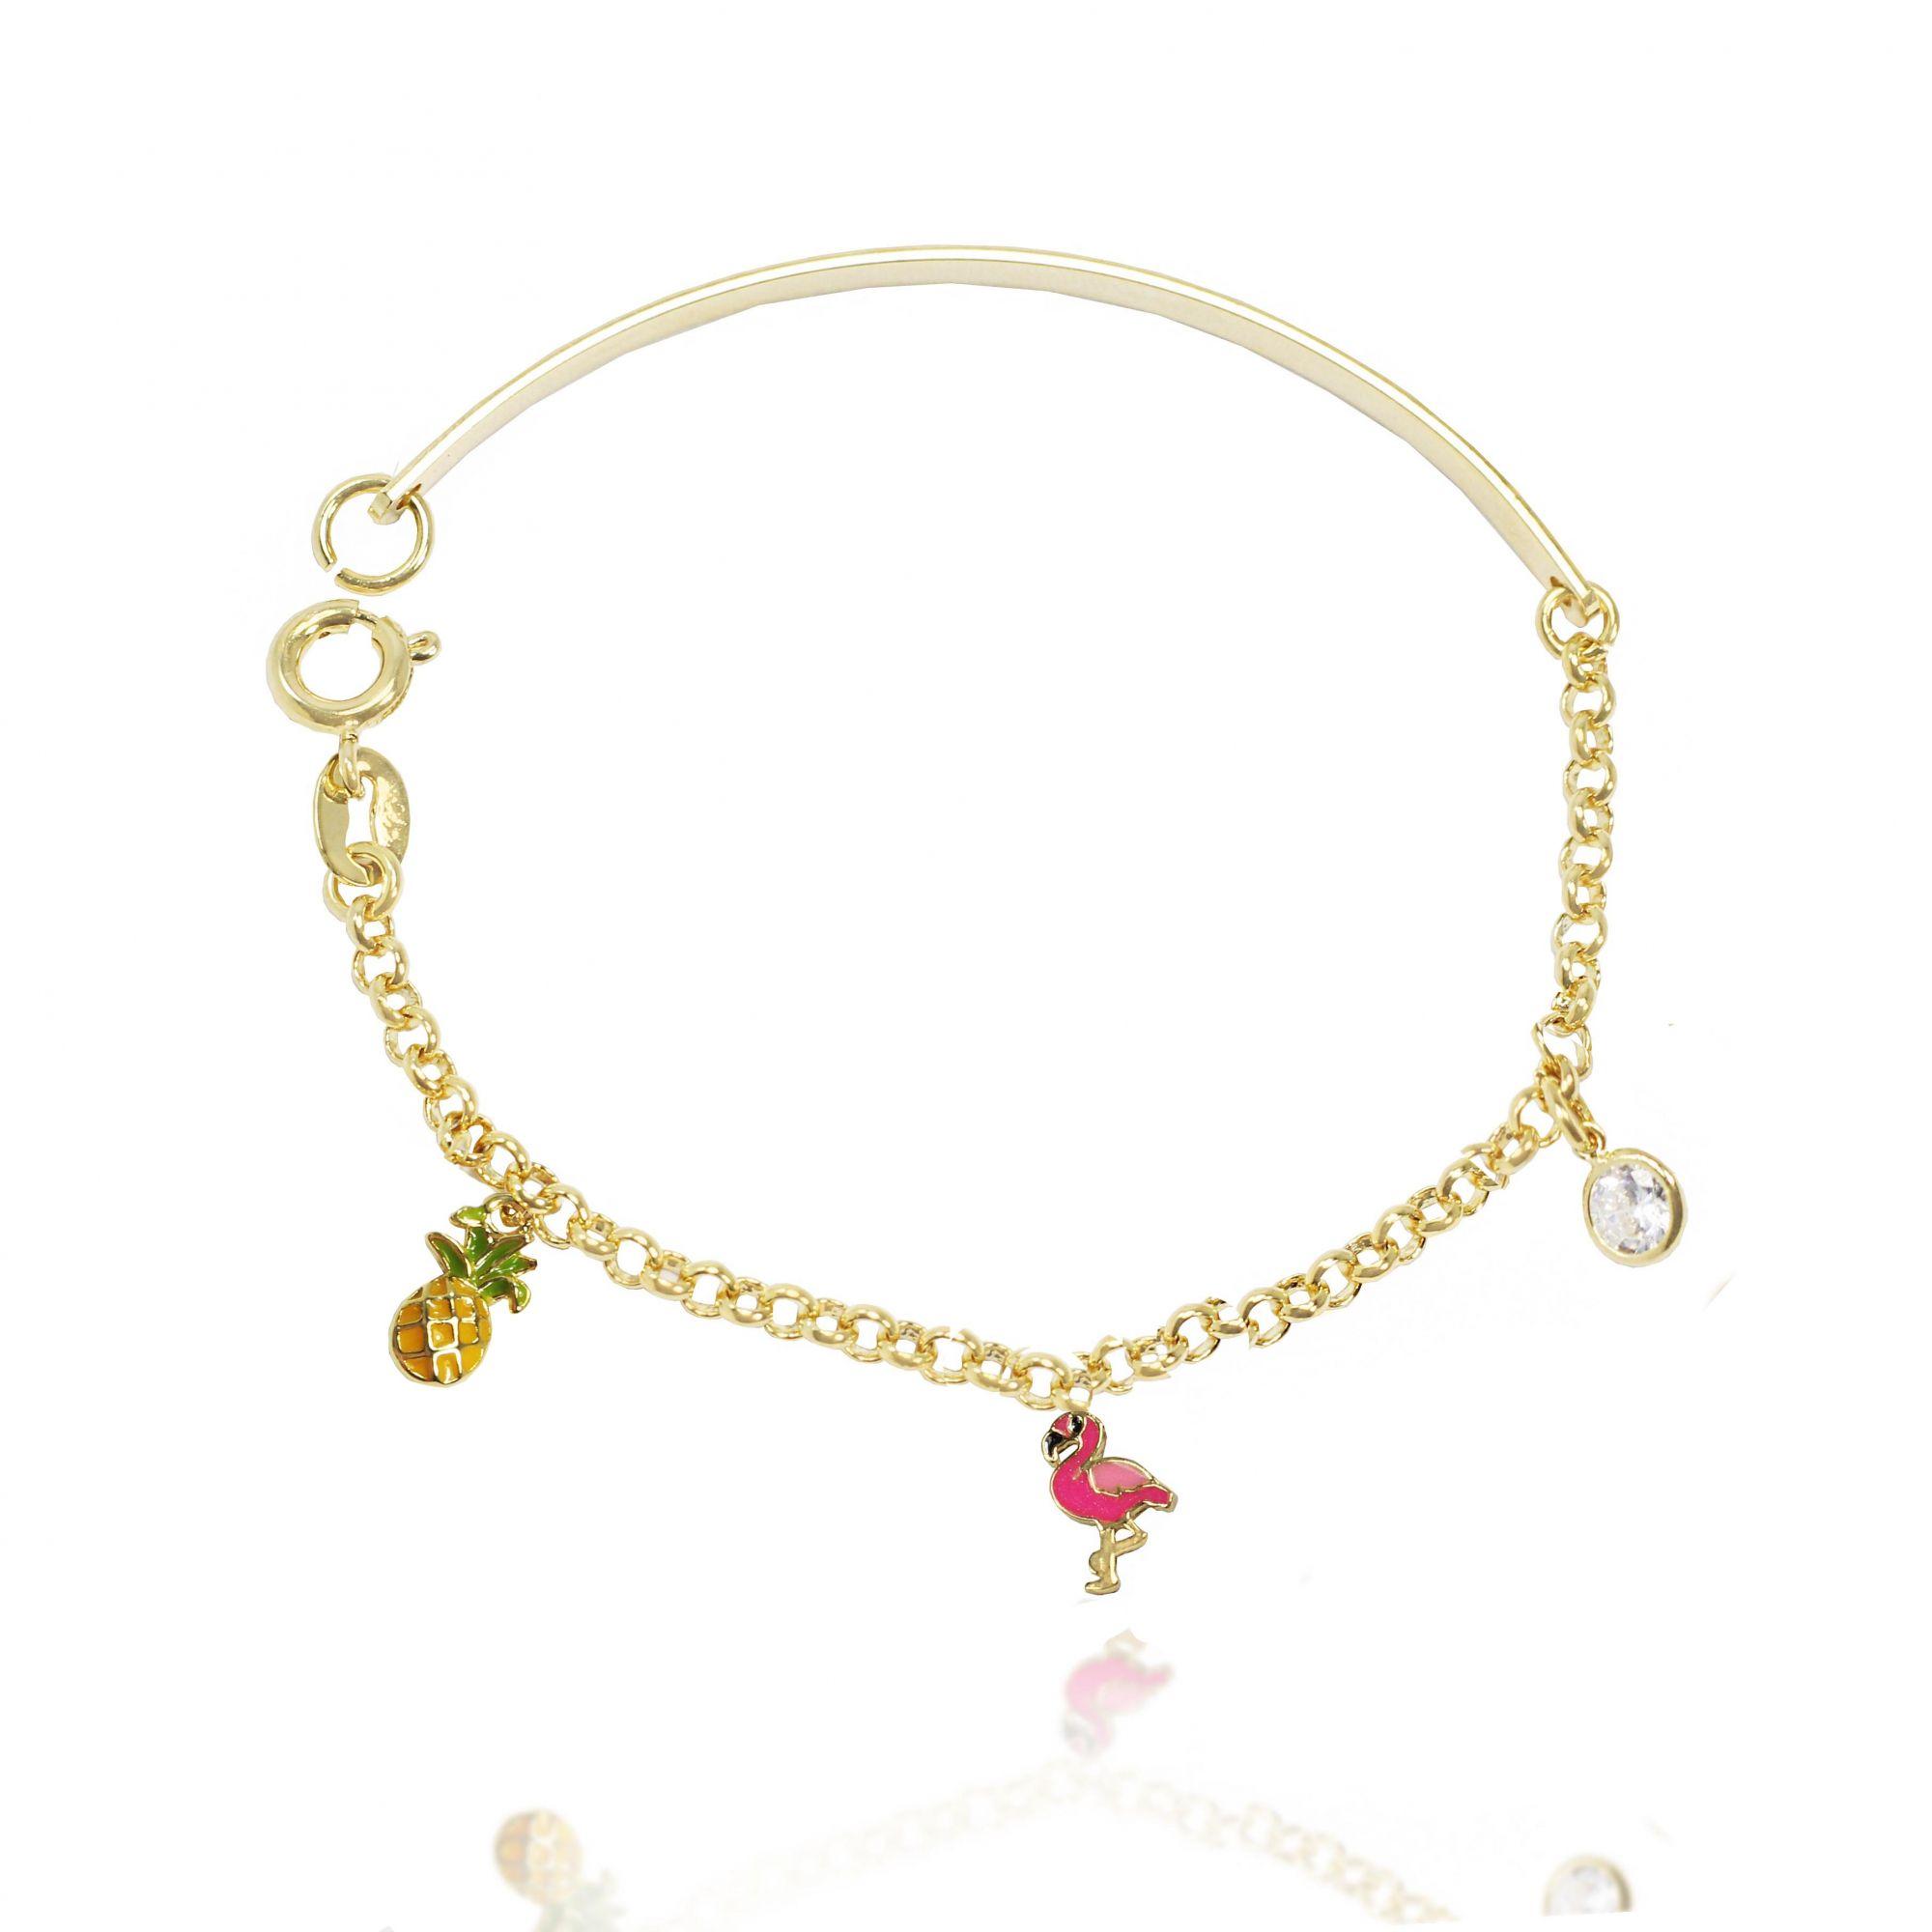 Pulseira Bracelete Infantil Flamingo Folheado Ouro 18k